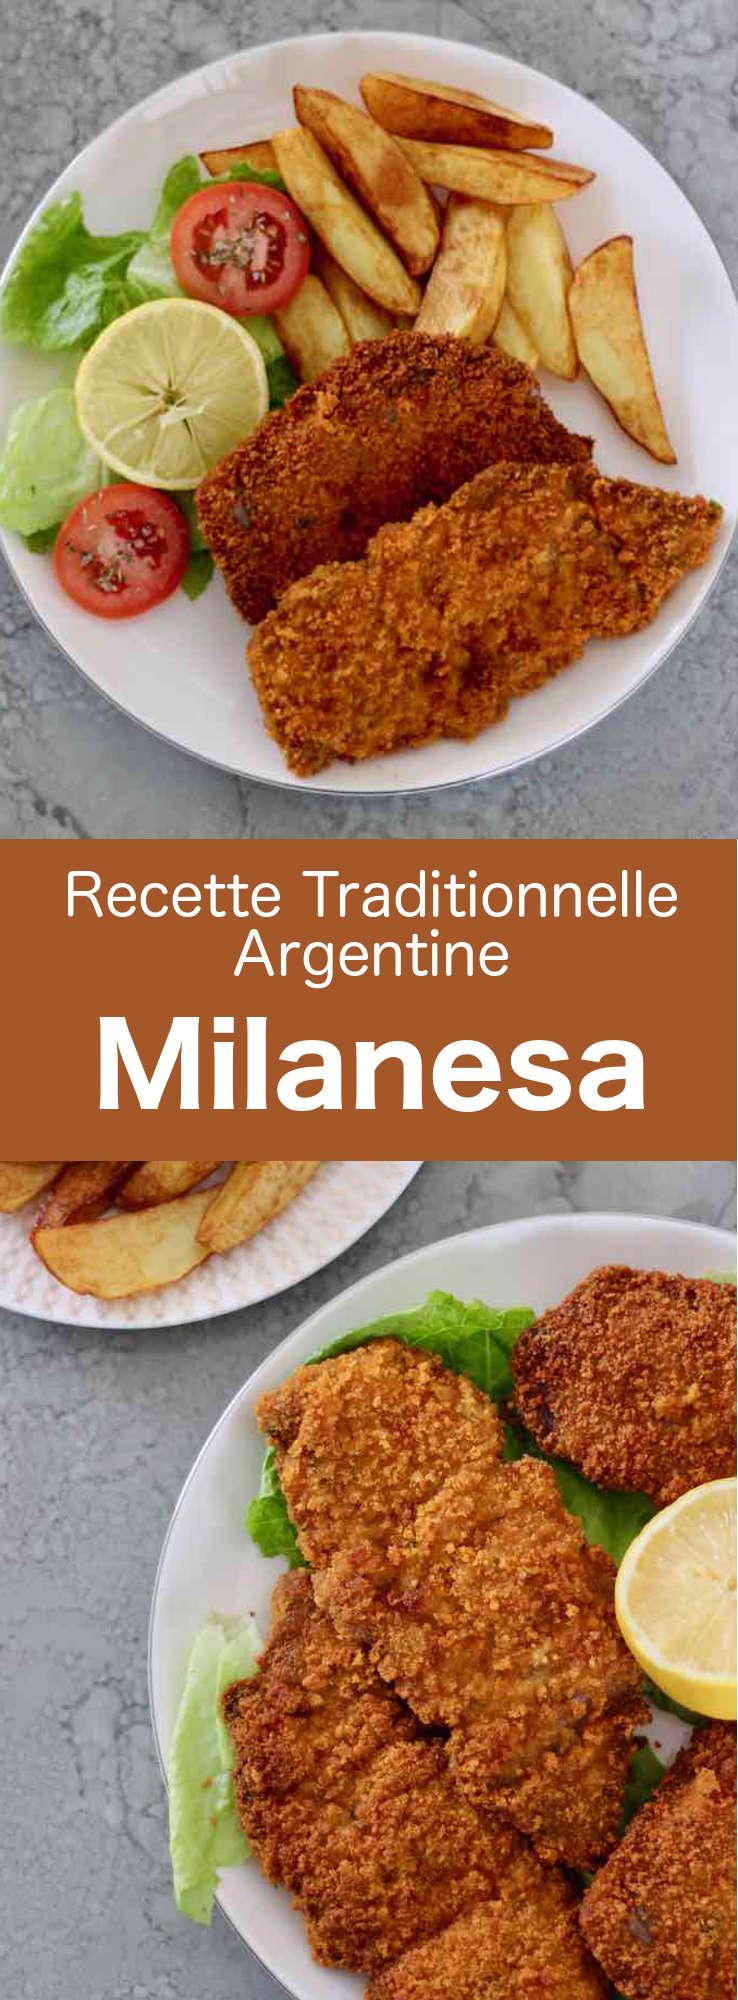 La milanesa argentine est une tranche de boeuf panée puis frite, un grand classique de la cuisine Sud Américaine, une variante du célèbre plat italien : l'escalope milanaise. #Argentine #CuisineArgentine #RecetteArgentine #CuisineDuMonde #196flavors